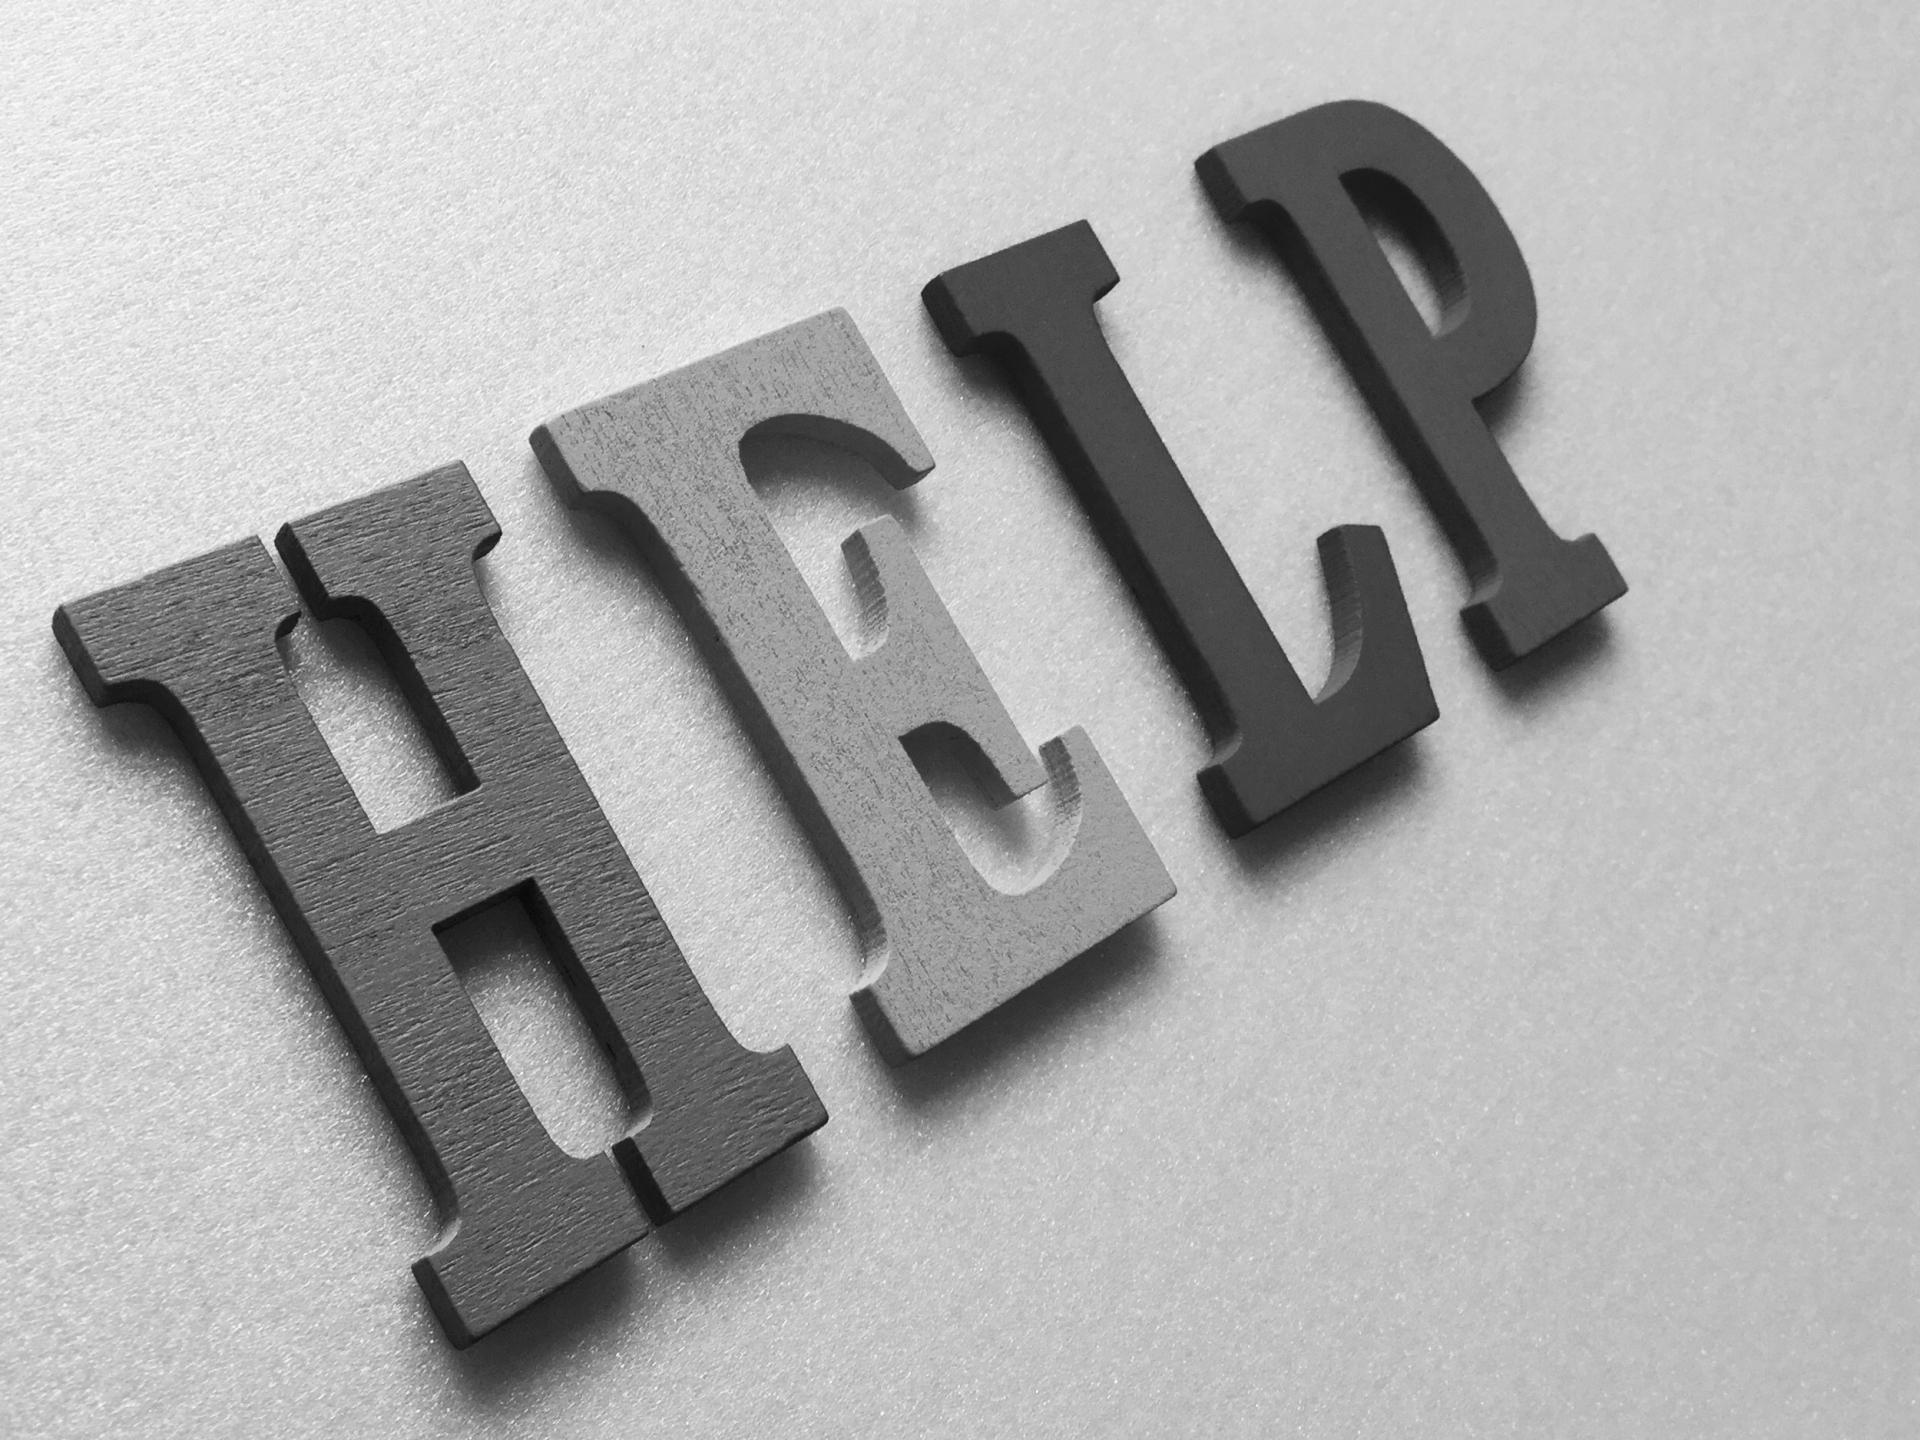 コンサルタントを目指すなら考えておくべき「人を助けるとはどういうことか」。